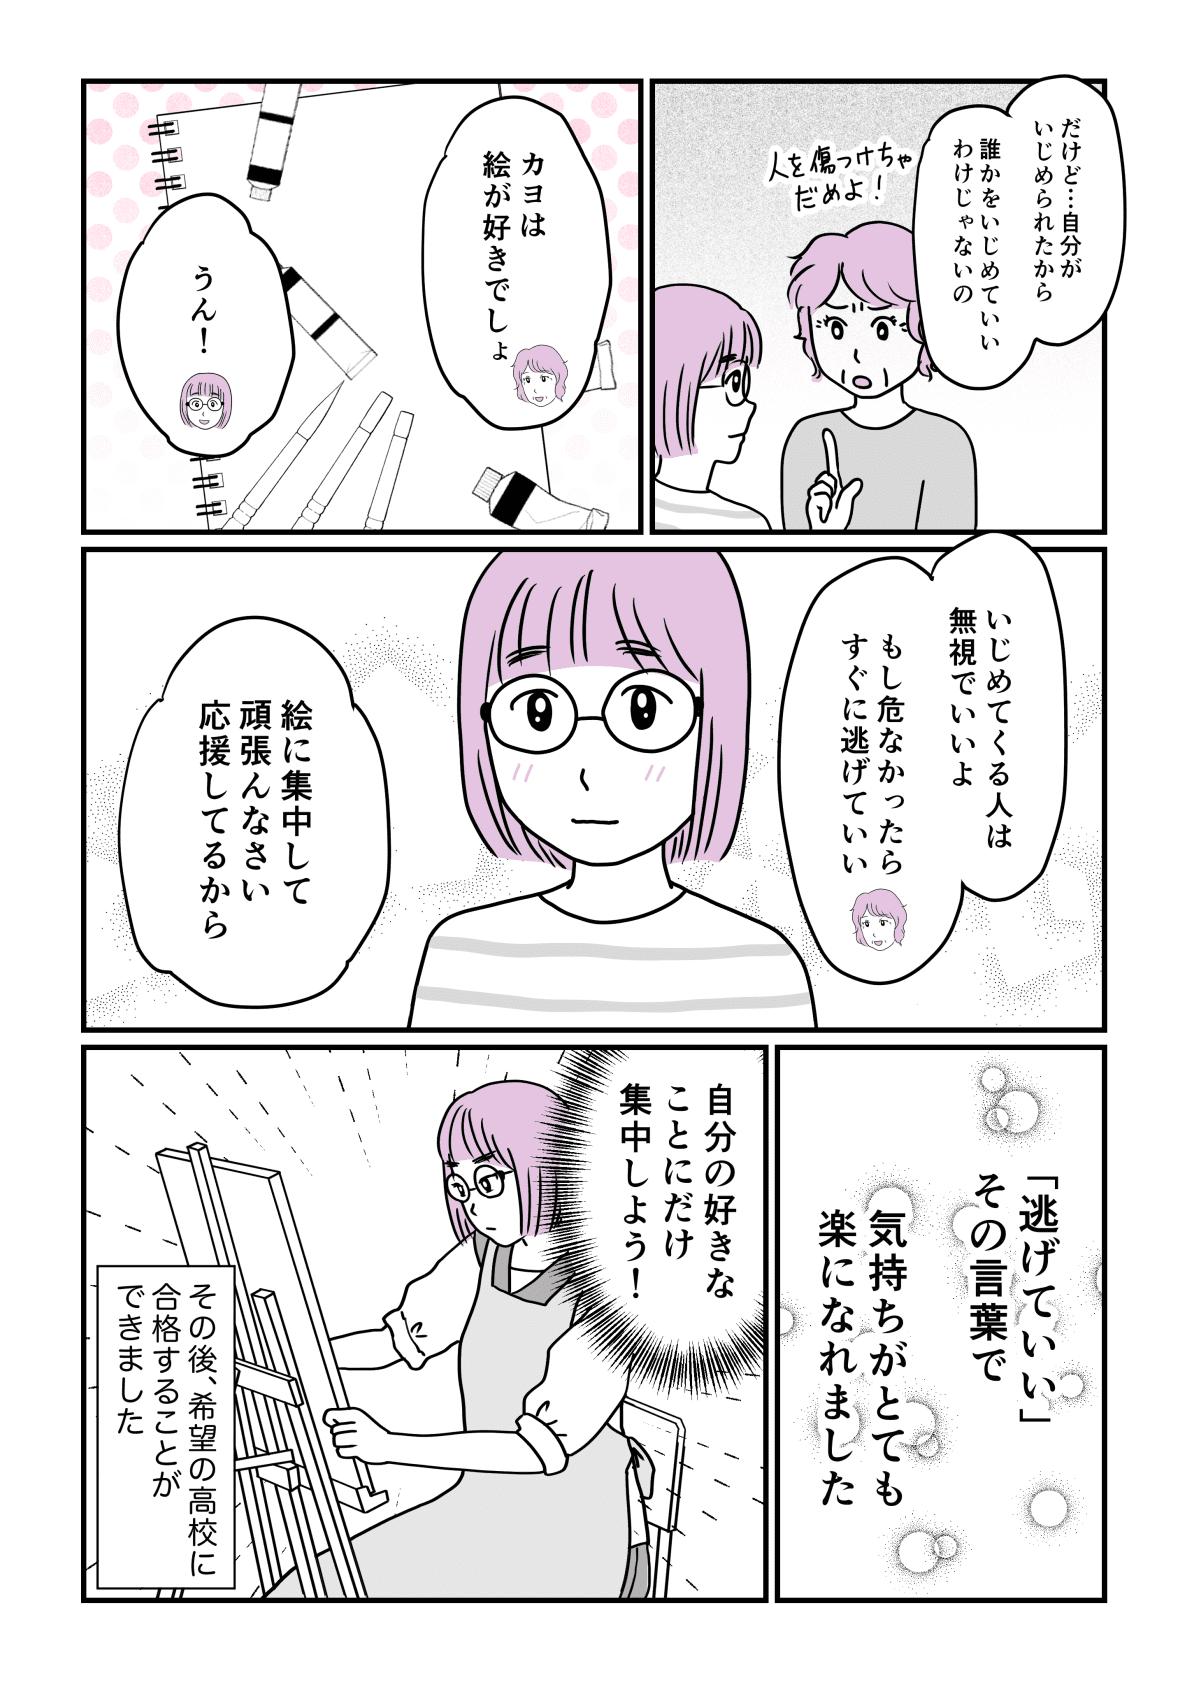 【ブラジャー事件その後・後編】3